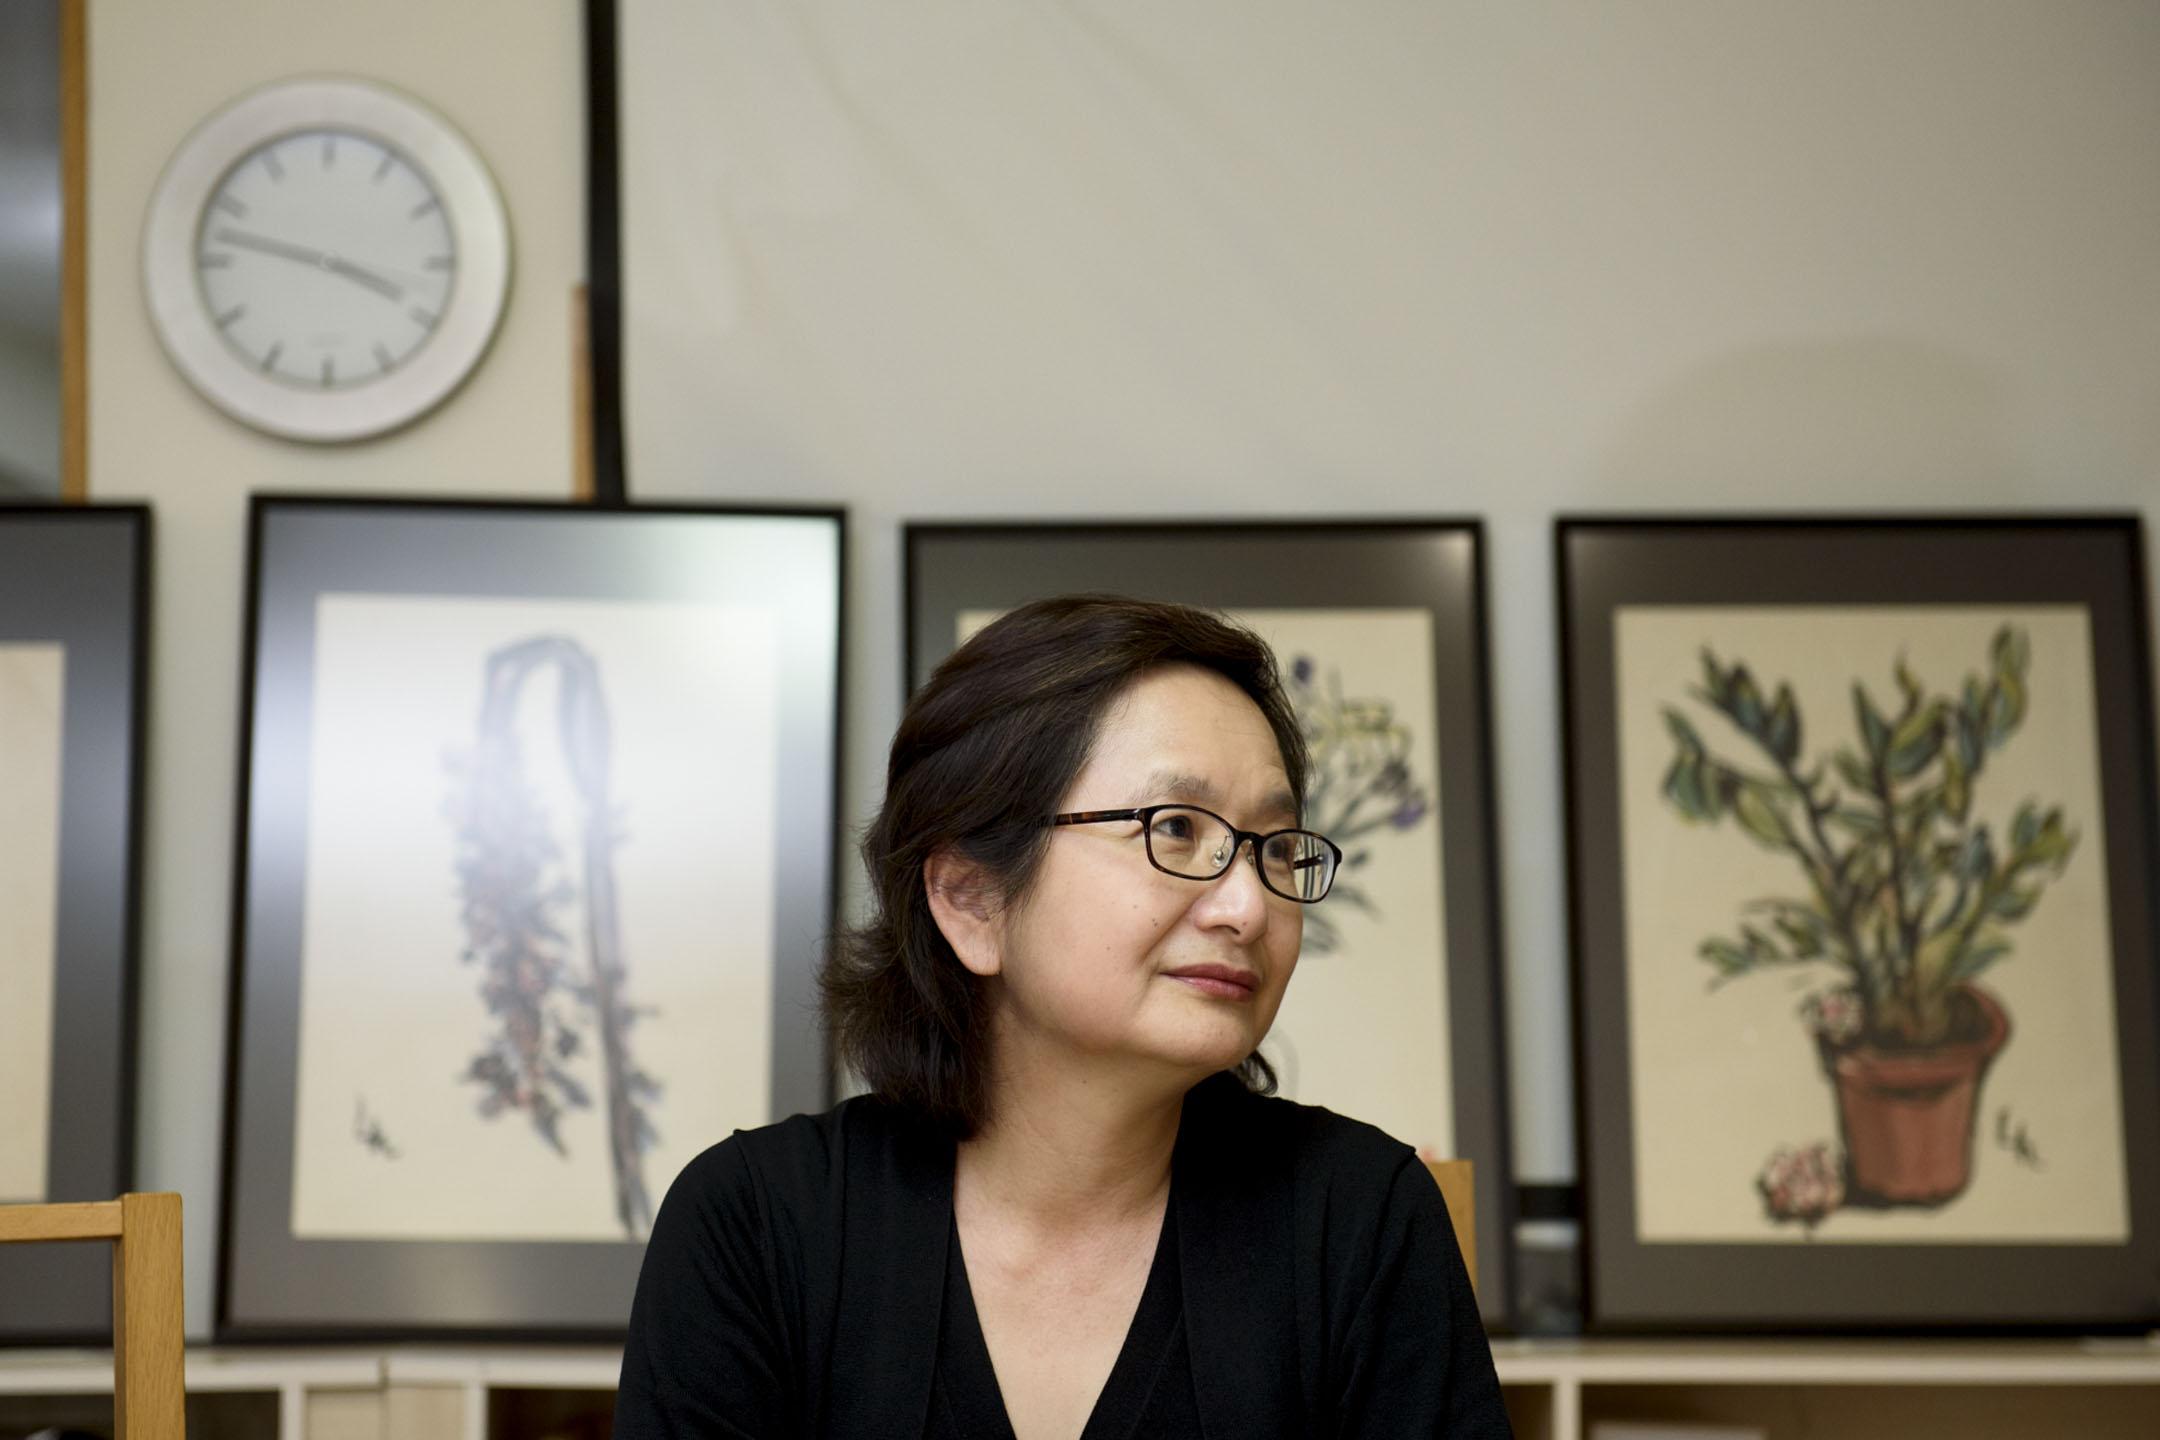 退休之後的李靜宜,開了一間出版社,一人兼起編輯、翻譯的角色,日子並不比在總統府時還要清閒。